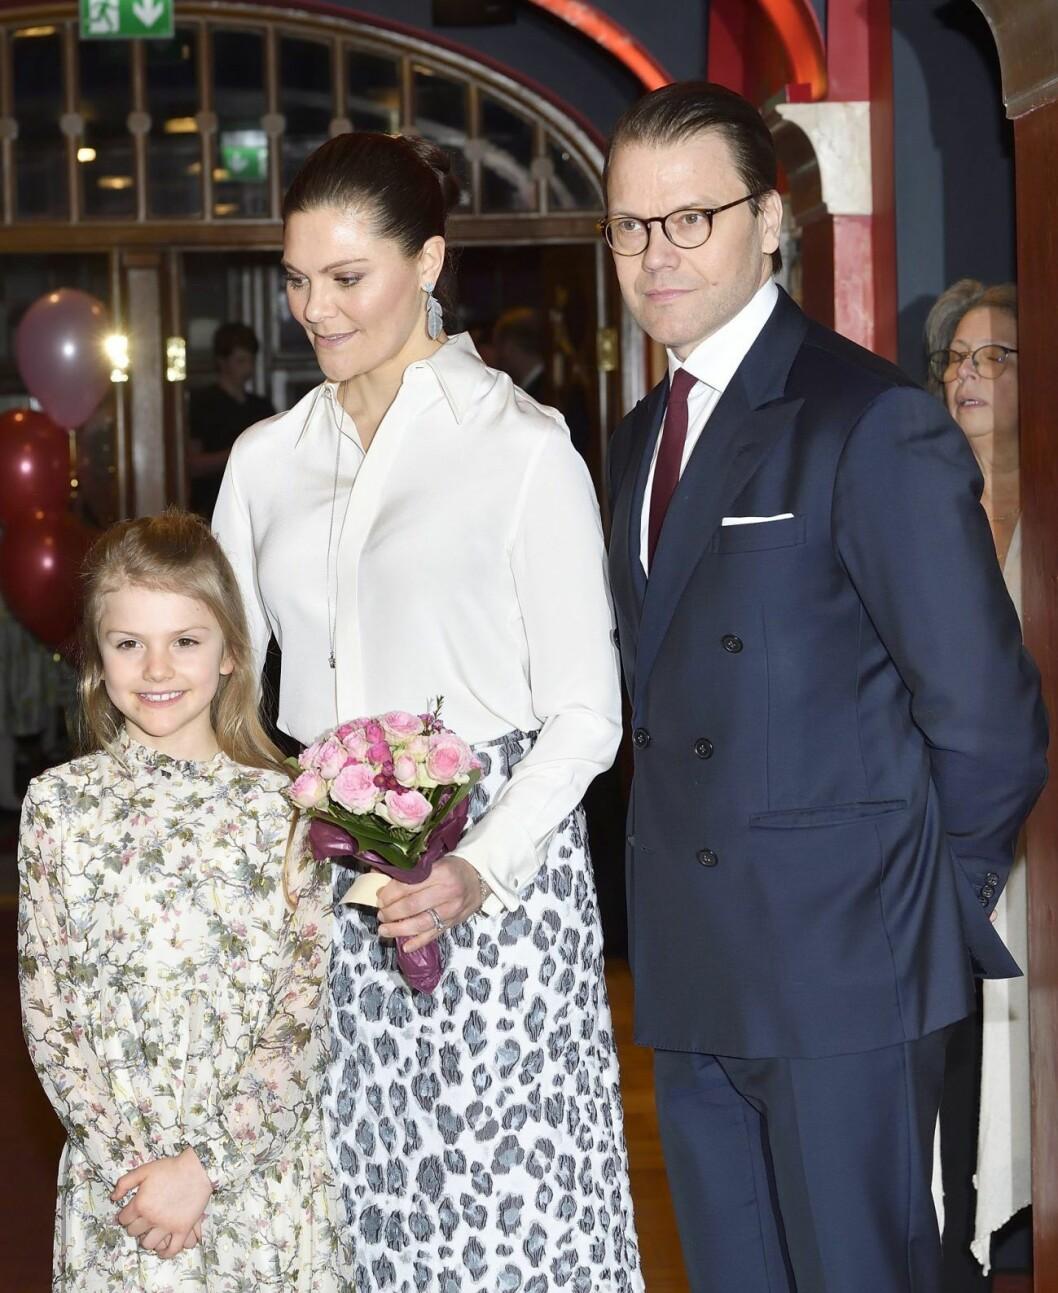 Prinsessan Estelle med mamma och pappa: kronprinsessan Victoria och prins Daniel.